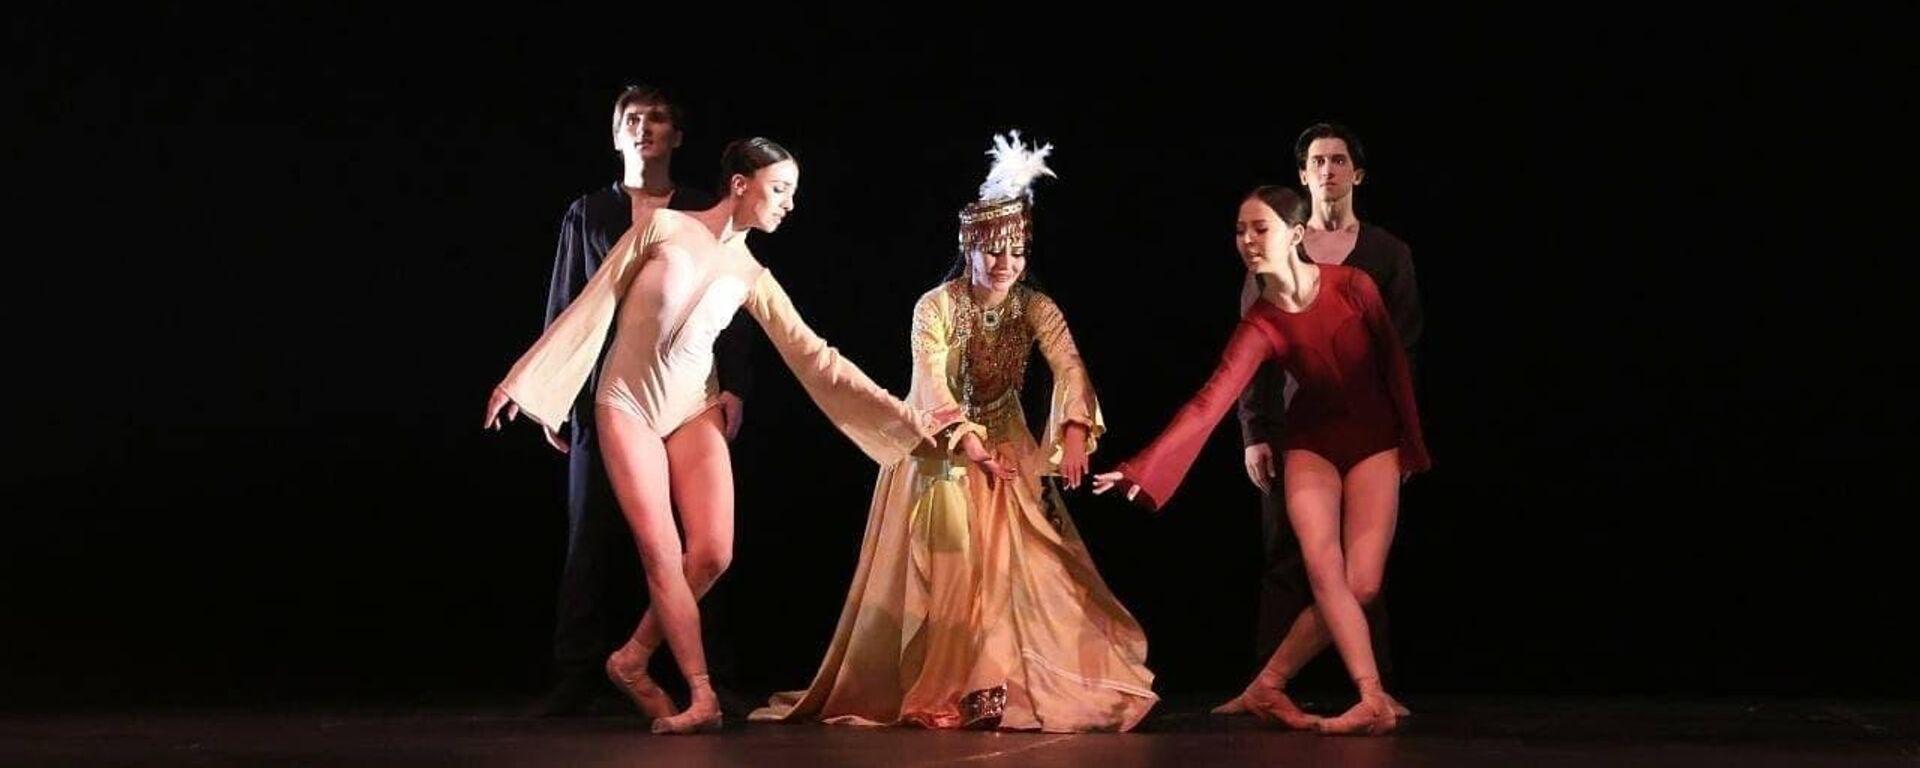 В нескольких городах России состоится постановка балета Лазги — танец души и любви - Sputnik Узбекистан, 1920, 08.10.2021